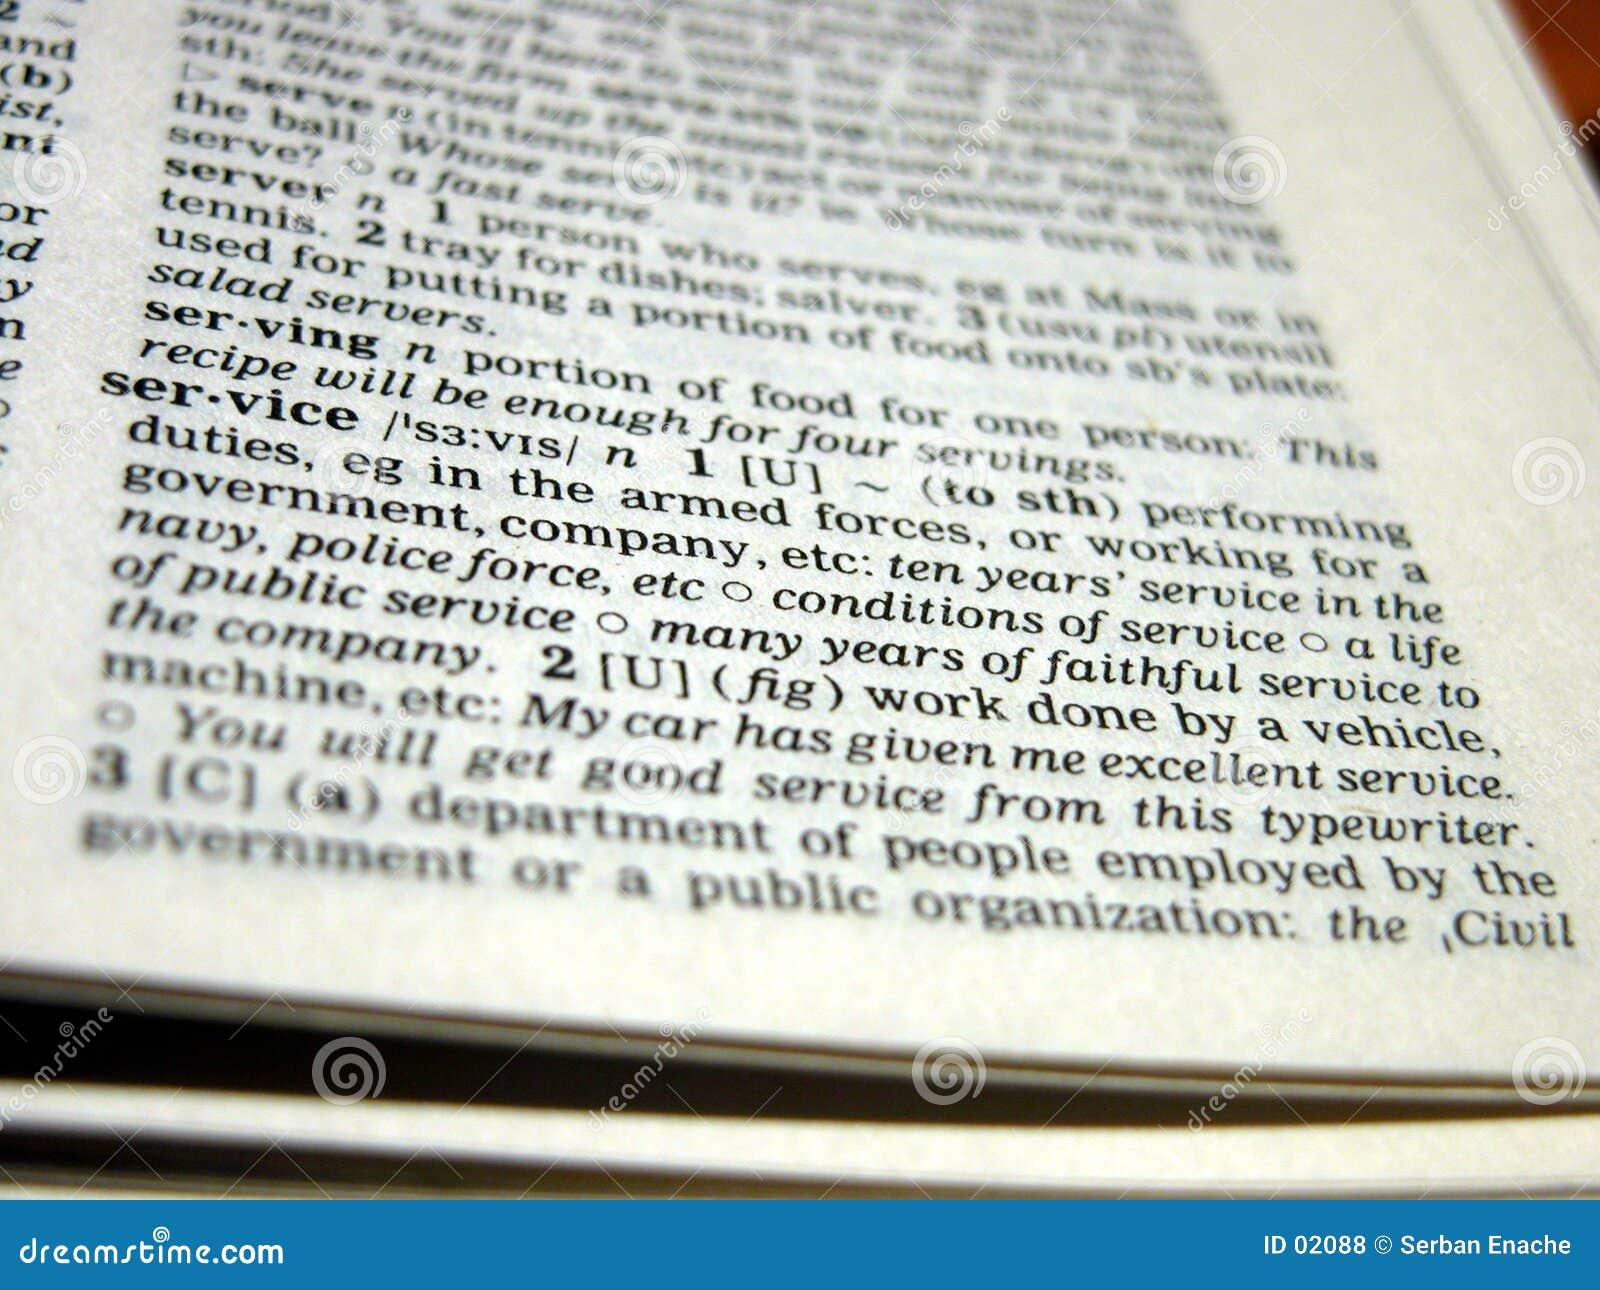 Definicji usług